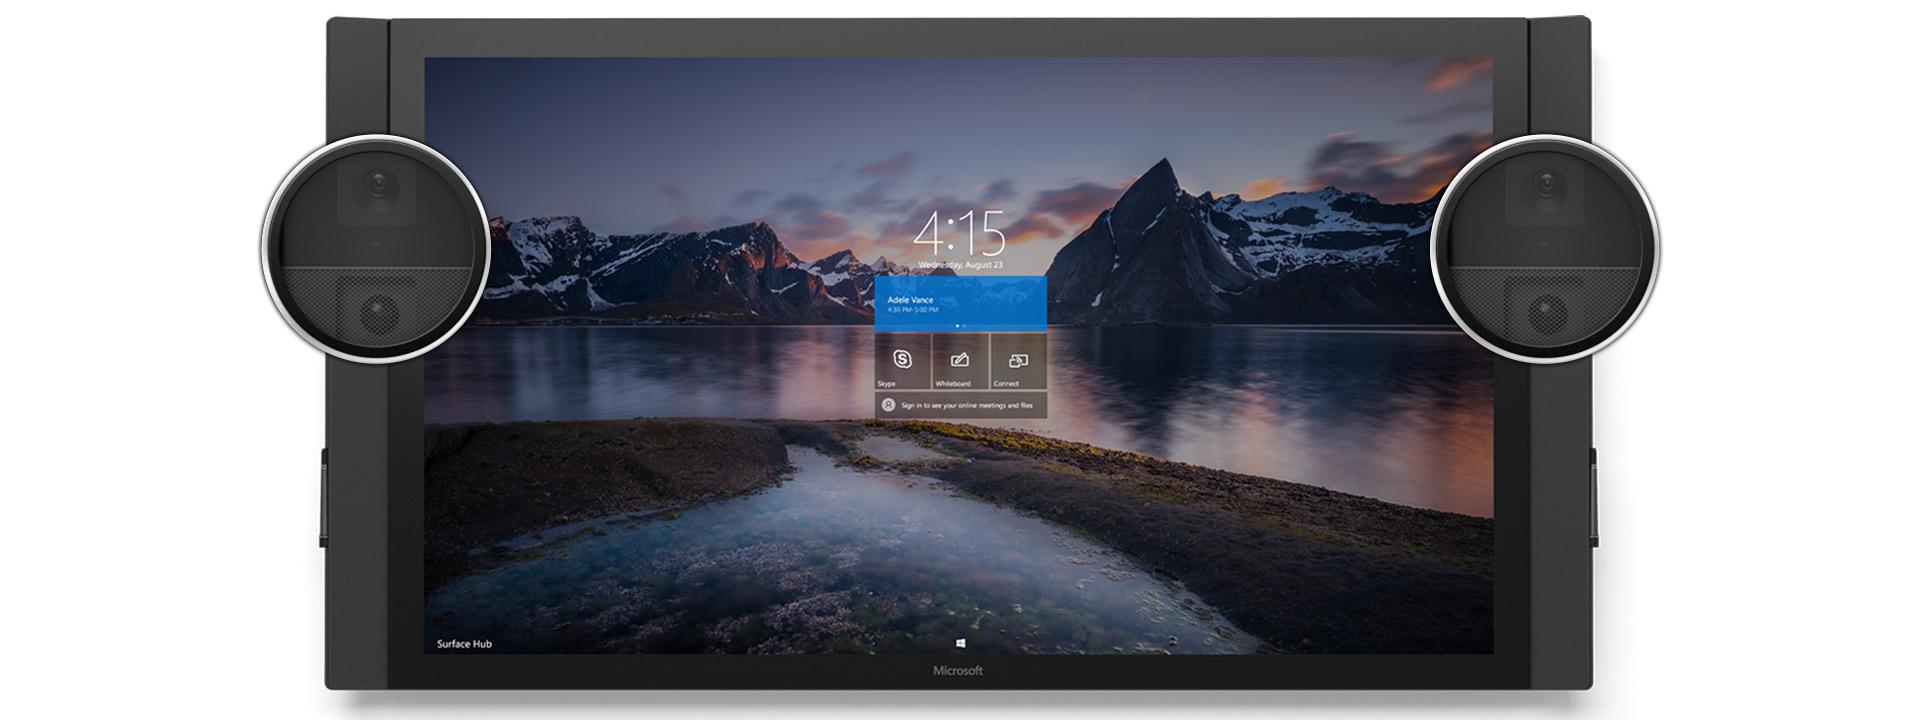 Vista frontal do Surface Hub a mostrar uma imagem da natureza no ecrã inicial, com as câmaras e os sensores ampliados.